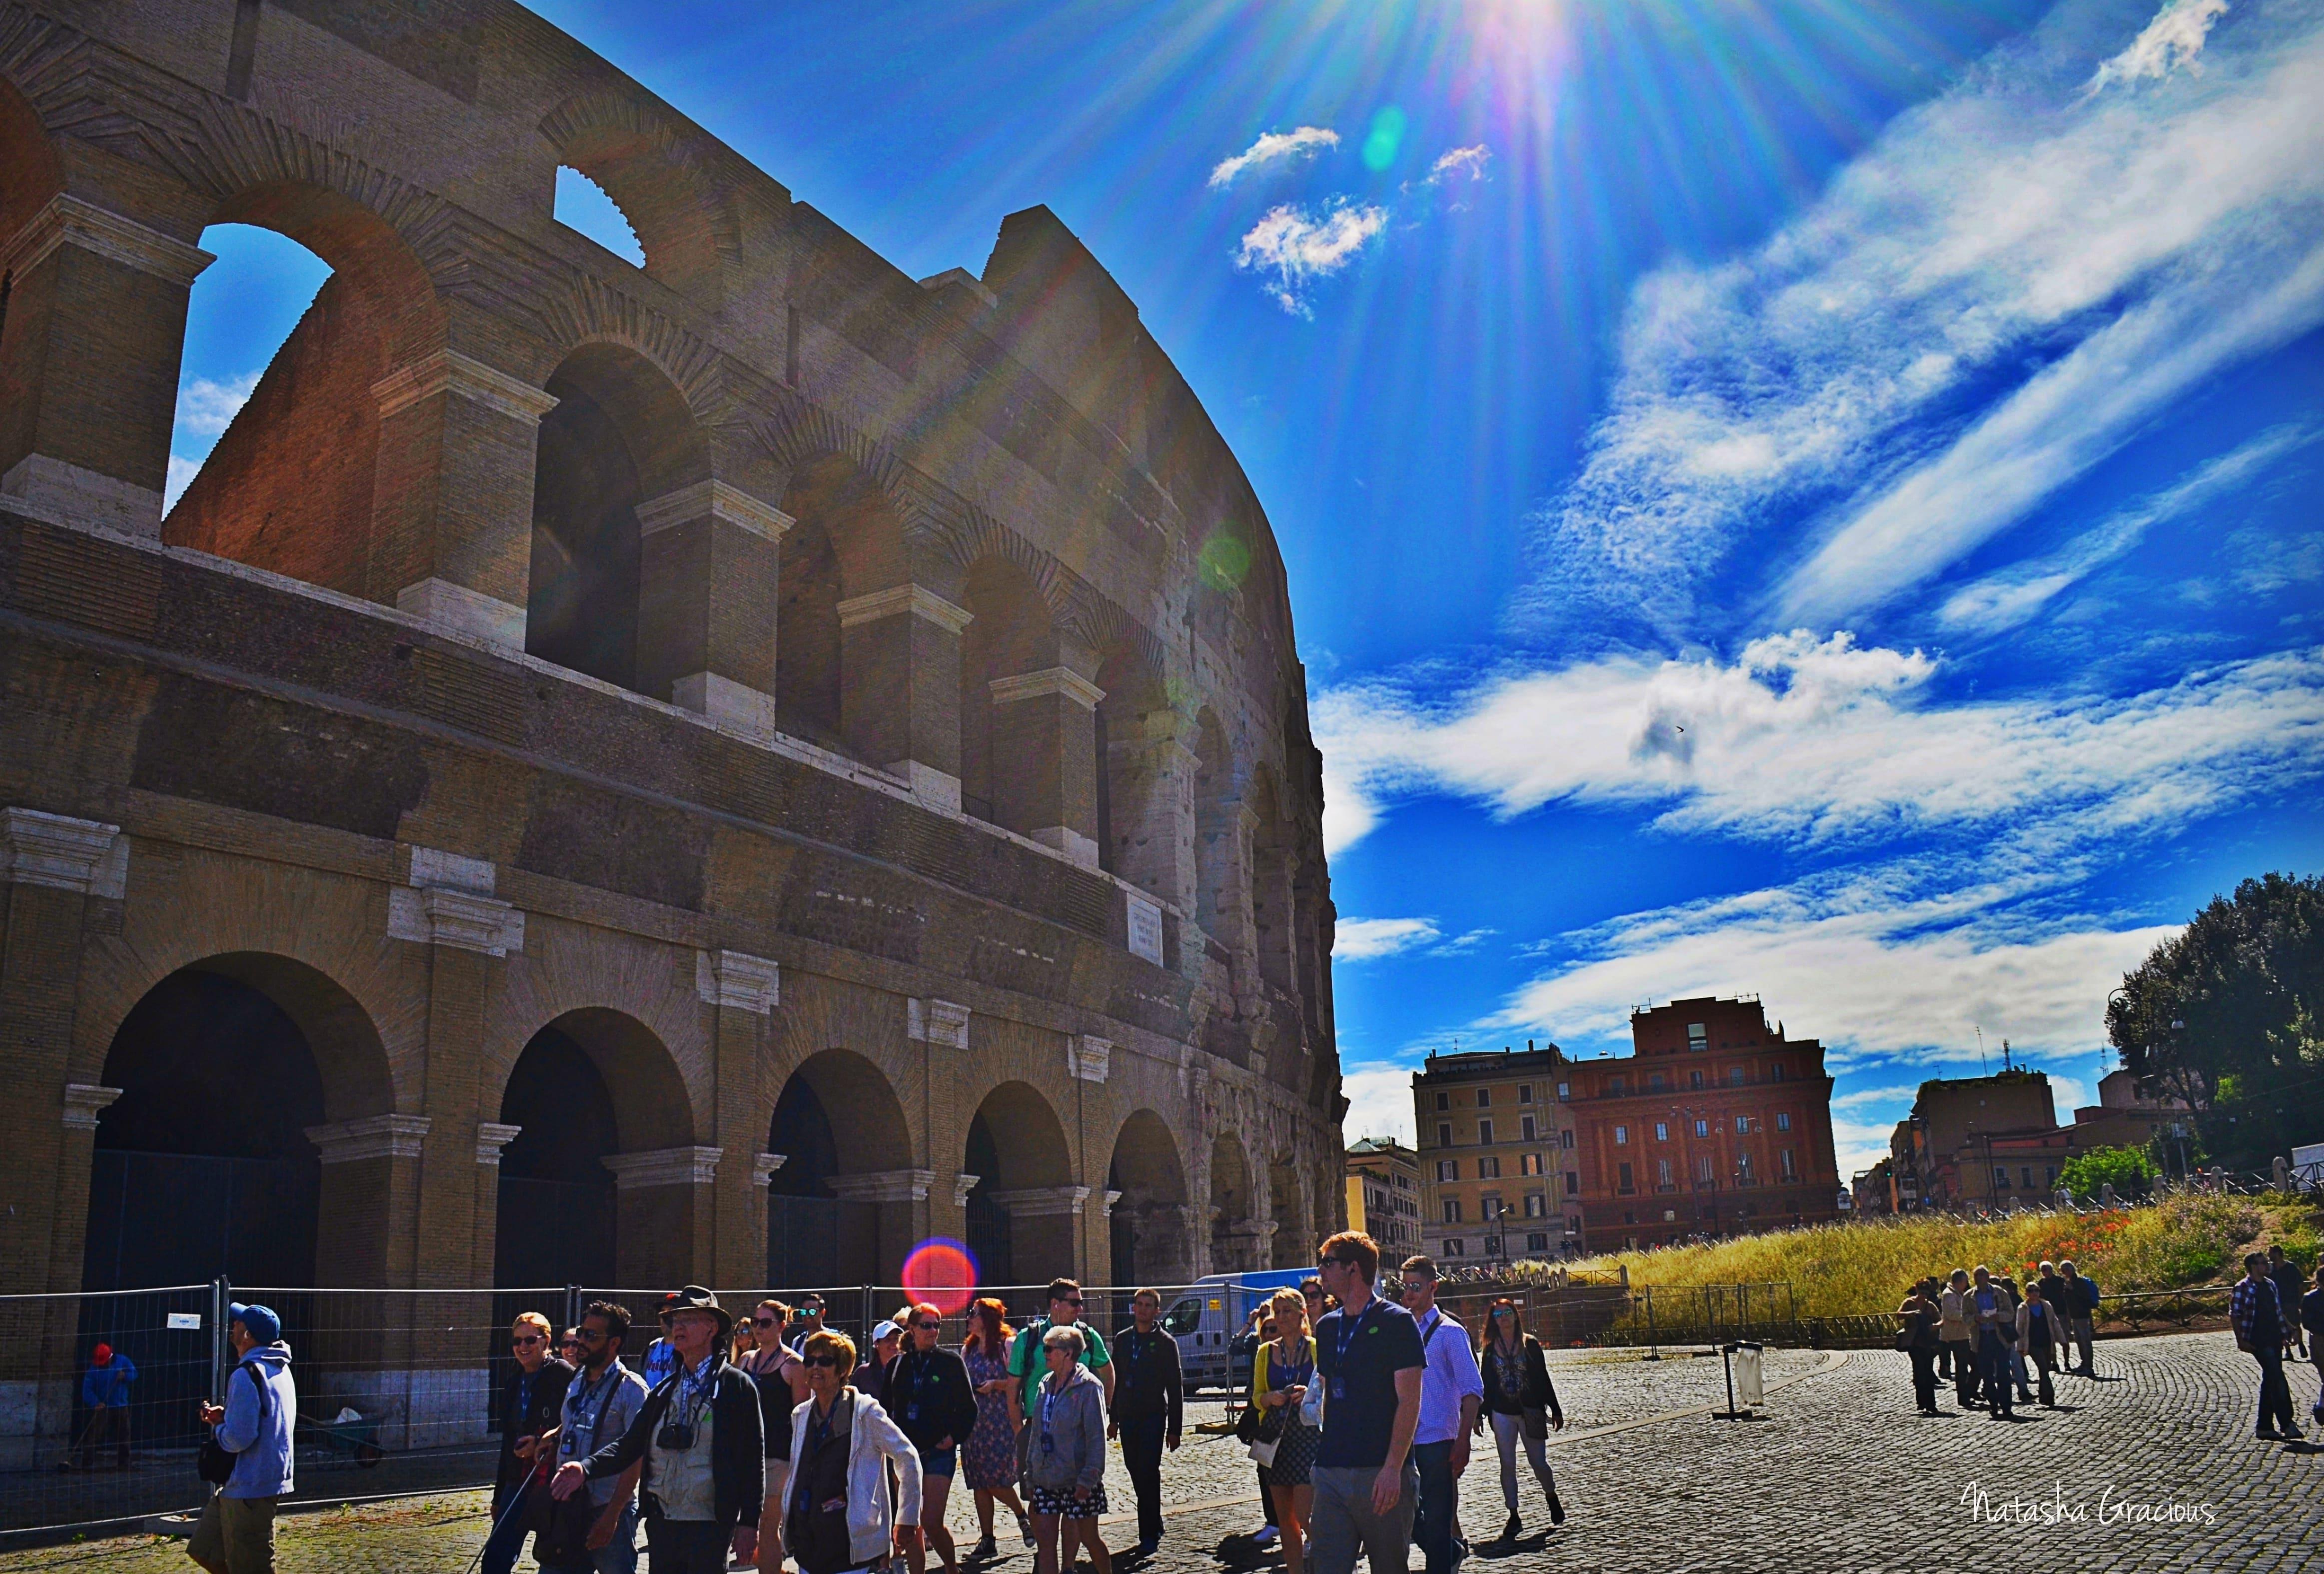 Colosseum outside sky